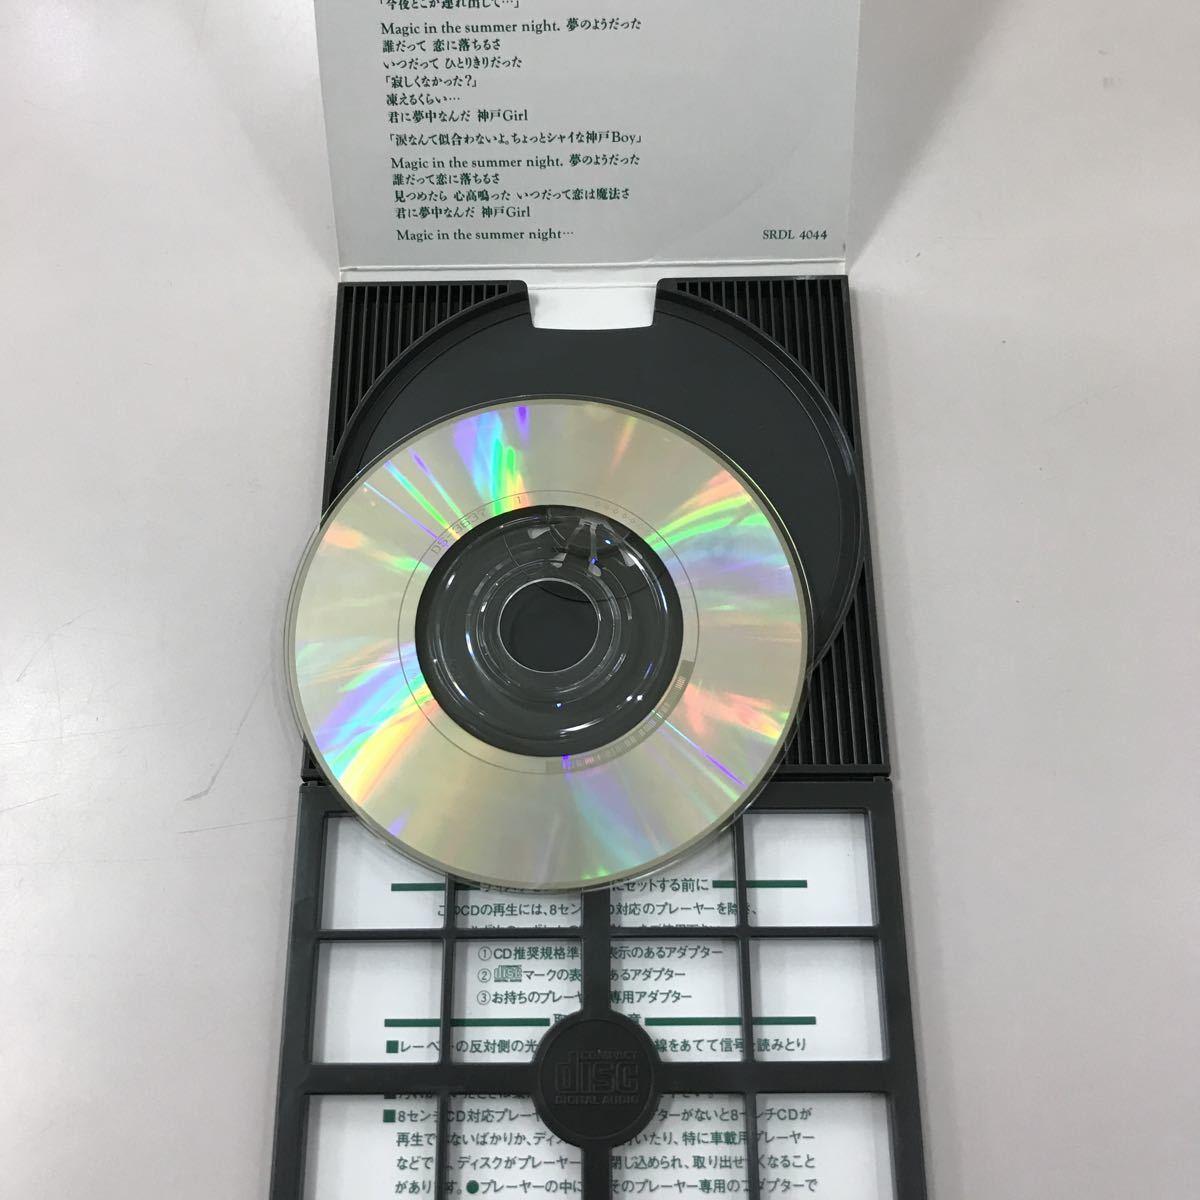 シングルCD 8センチ 中古【邦楽】長期保存品 浜田省吾 我が心のマリア